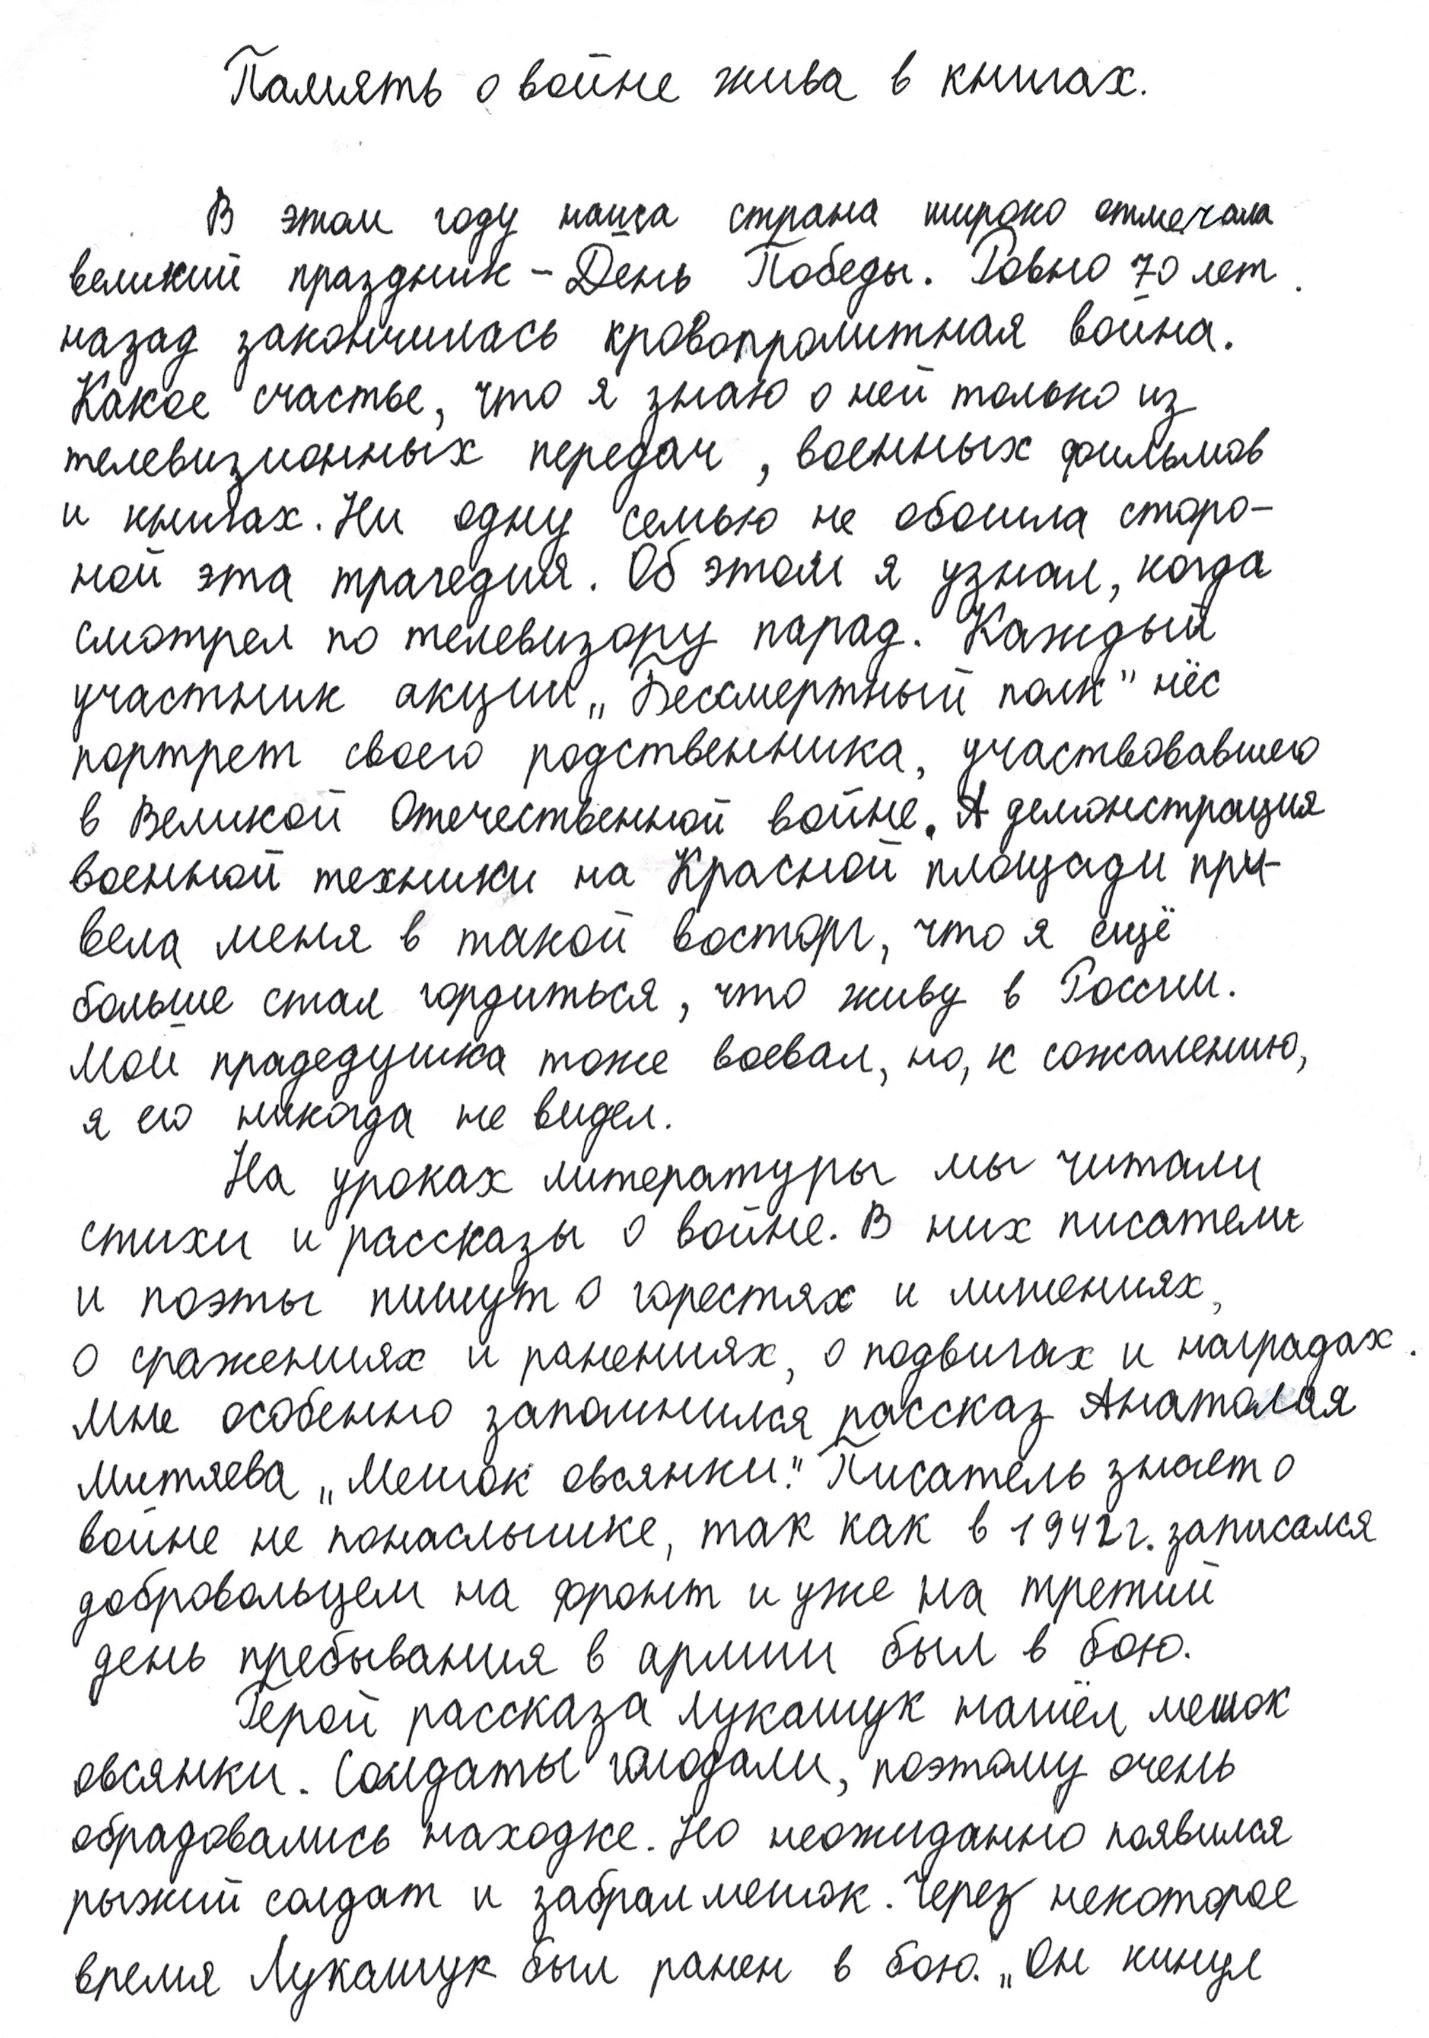 F:\Всероссийское сочинение.СОШ №31.2015ГОД\Ильин Дмитрий.5класс\CCI01012002_0000.jpg